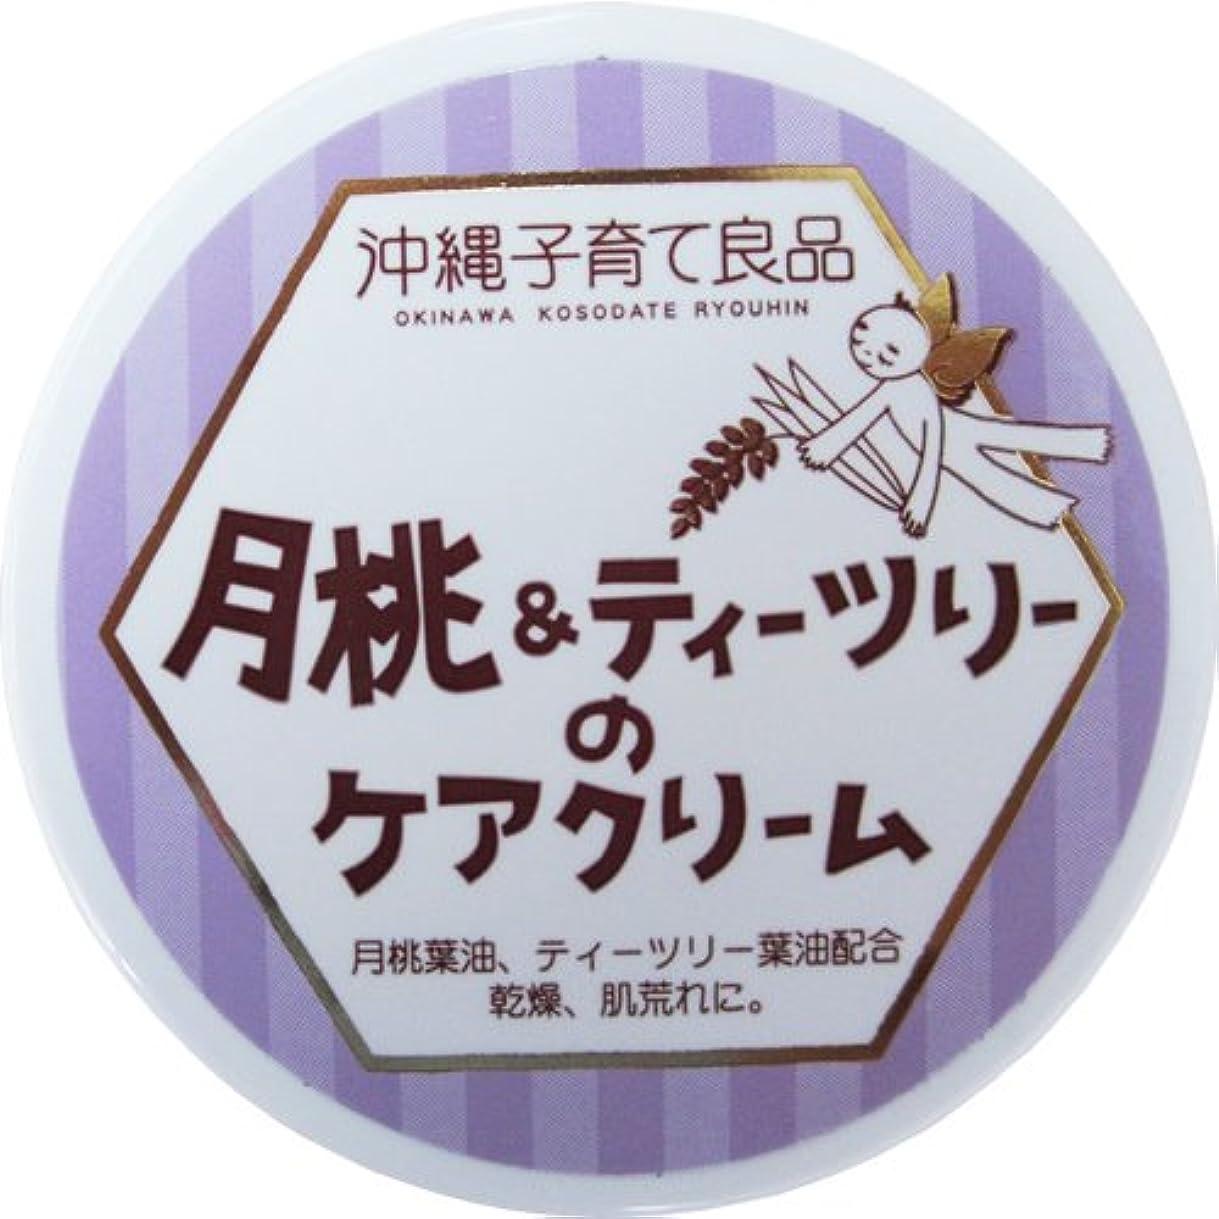 中傷折音声学沖縄子育て良品 月桃&ティツリーのケアクリーム (25g)